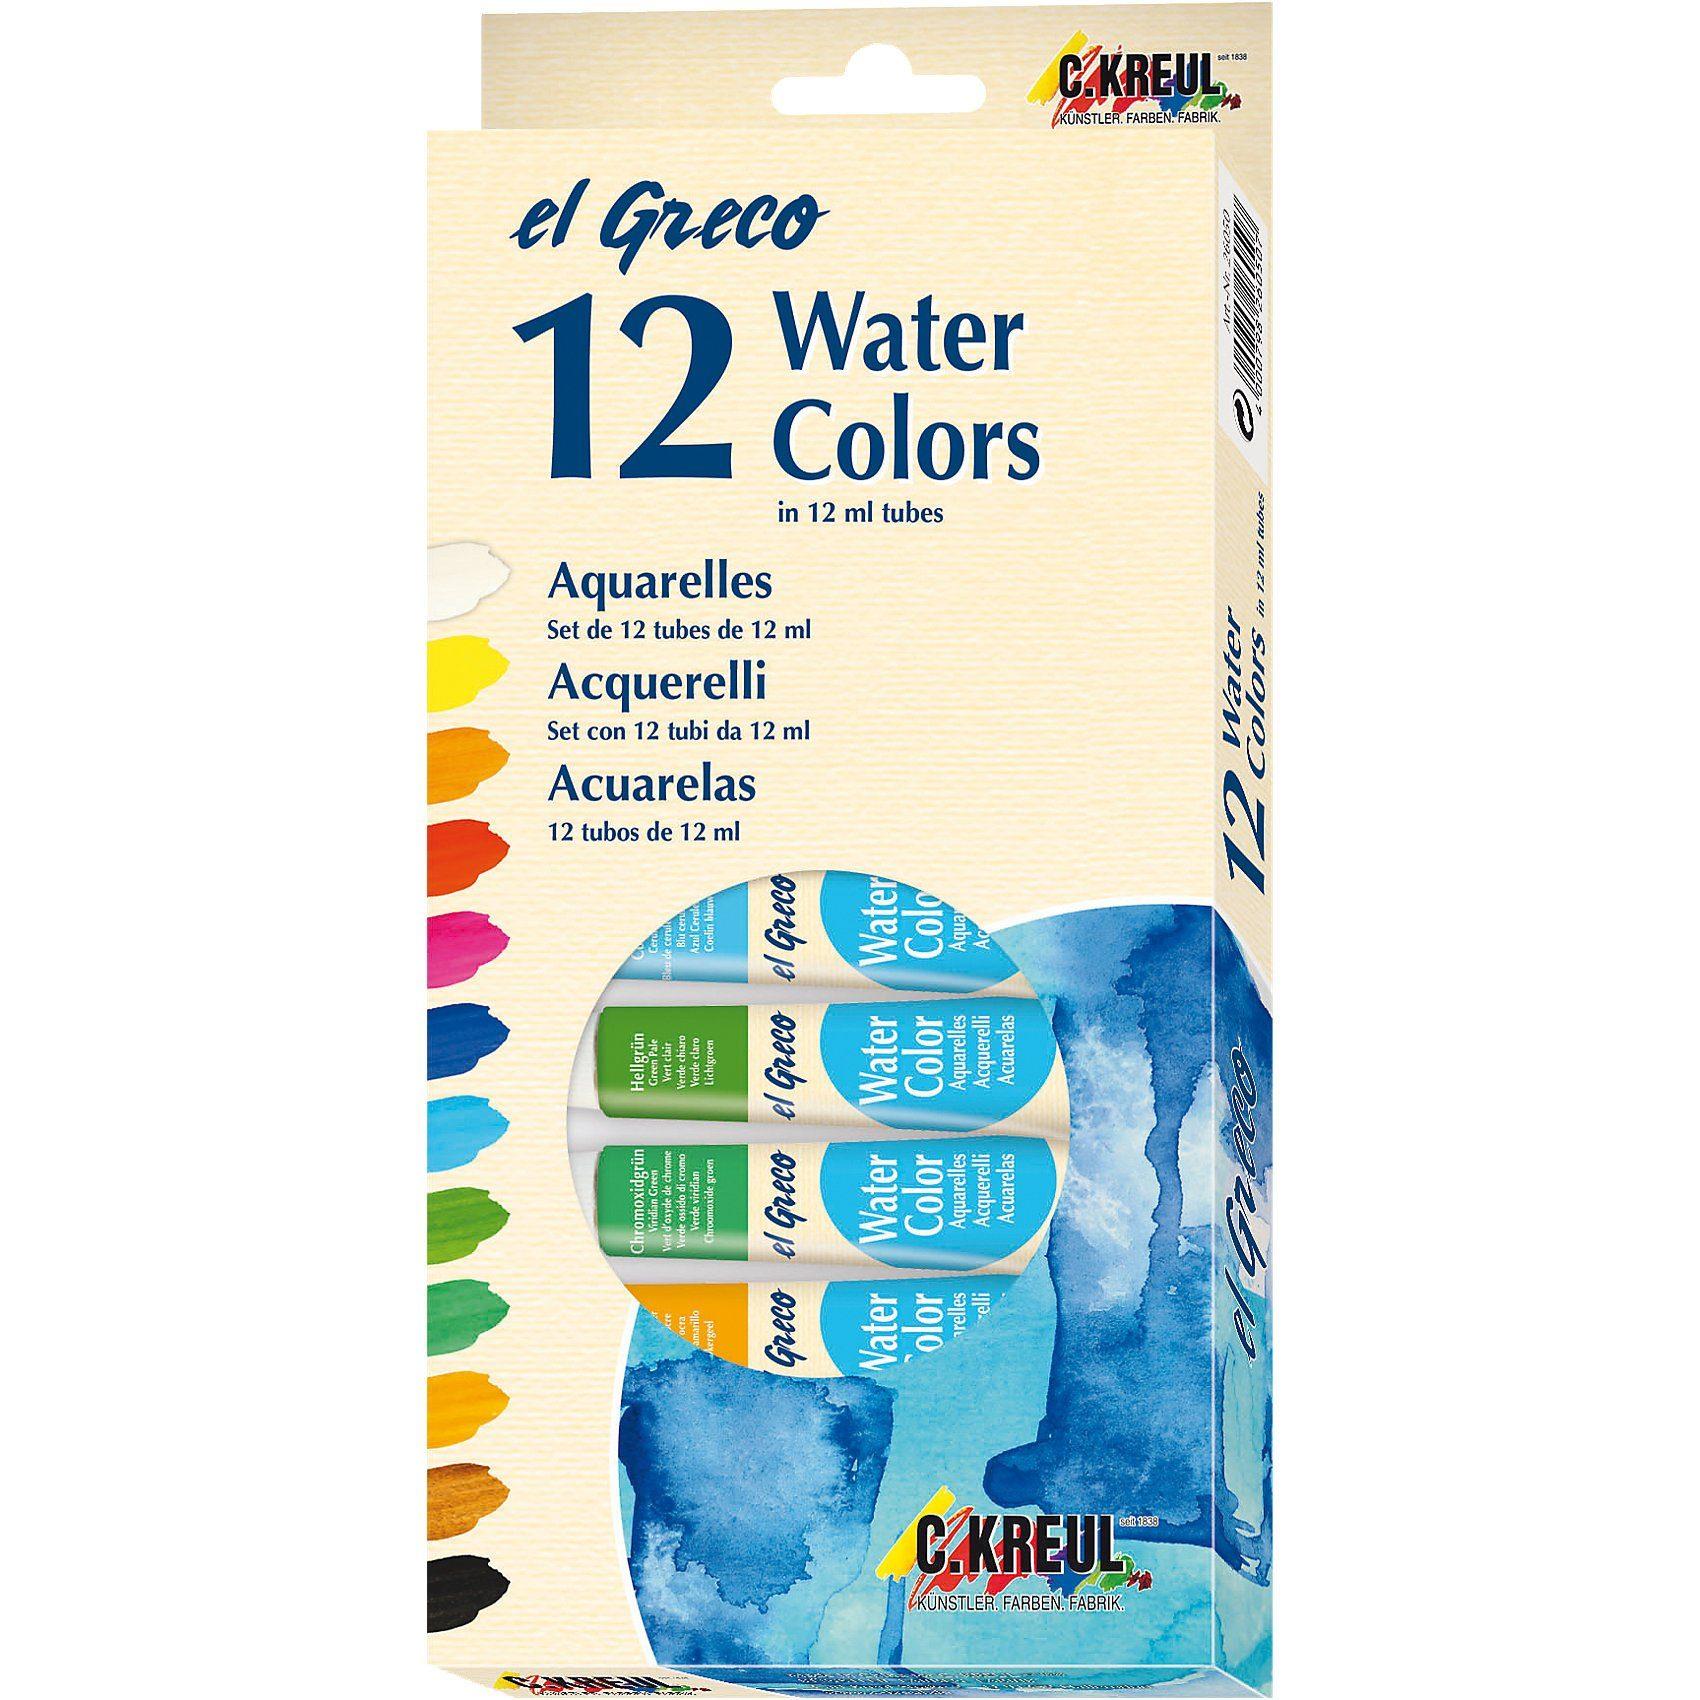 C. KREUL EL GRECO Aquarellfarben, 12 x 12 ml